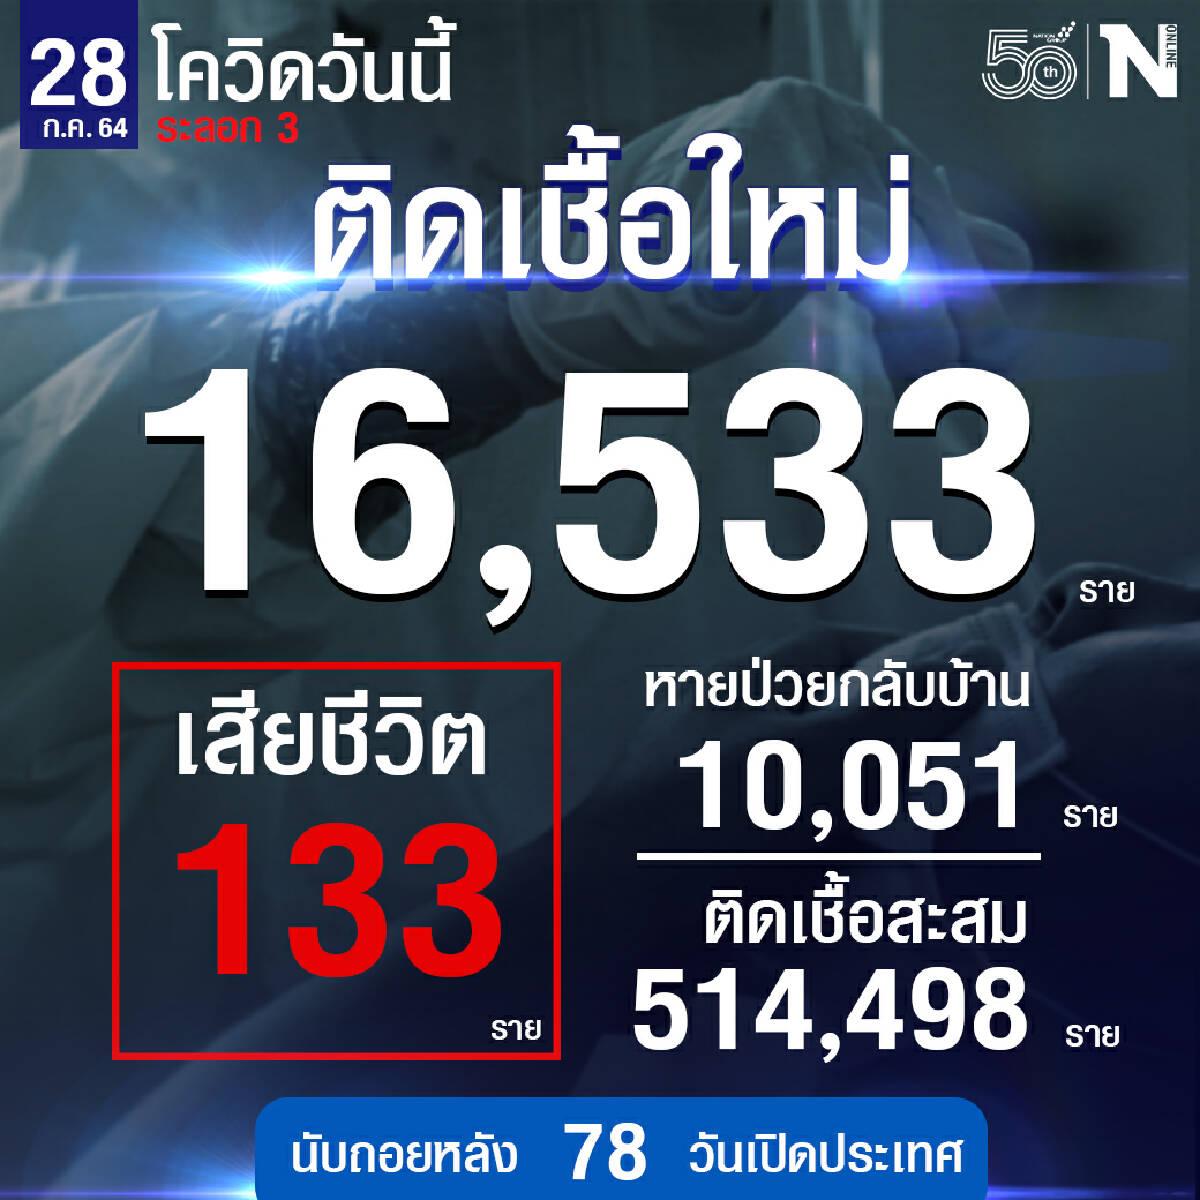 ทะลักต่อเนื่อง ศบค. เผย ยอดผู้ติดเชื้อใหม่ รวม 16,533 ราย เสียชีวิต 133 ราย